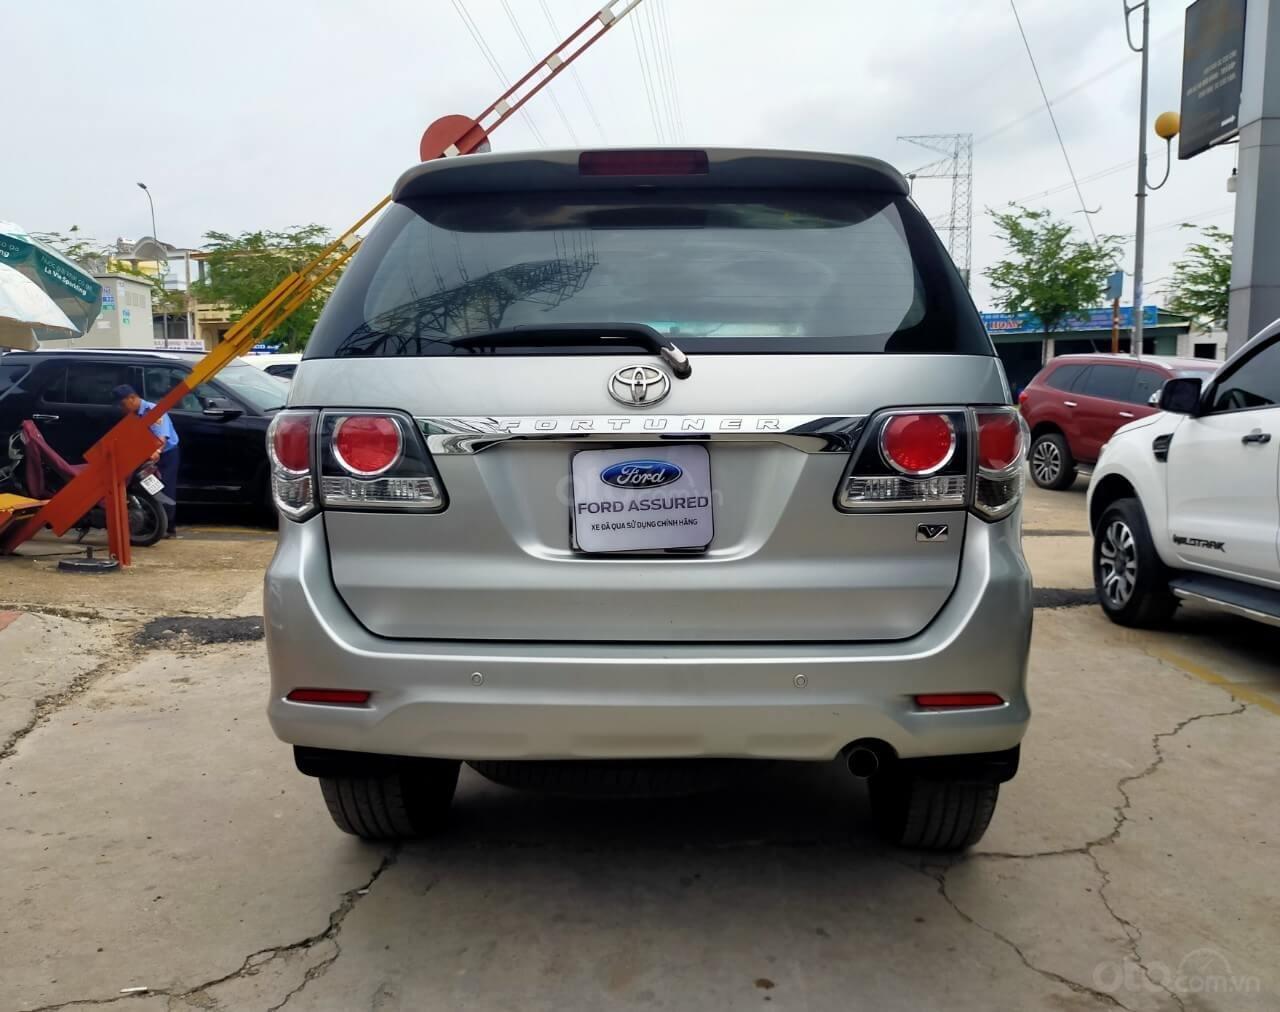 Toyota Fortuner 2.7V AT 2016 xe bán chính hãng (3)